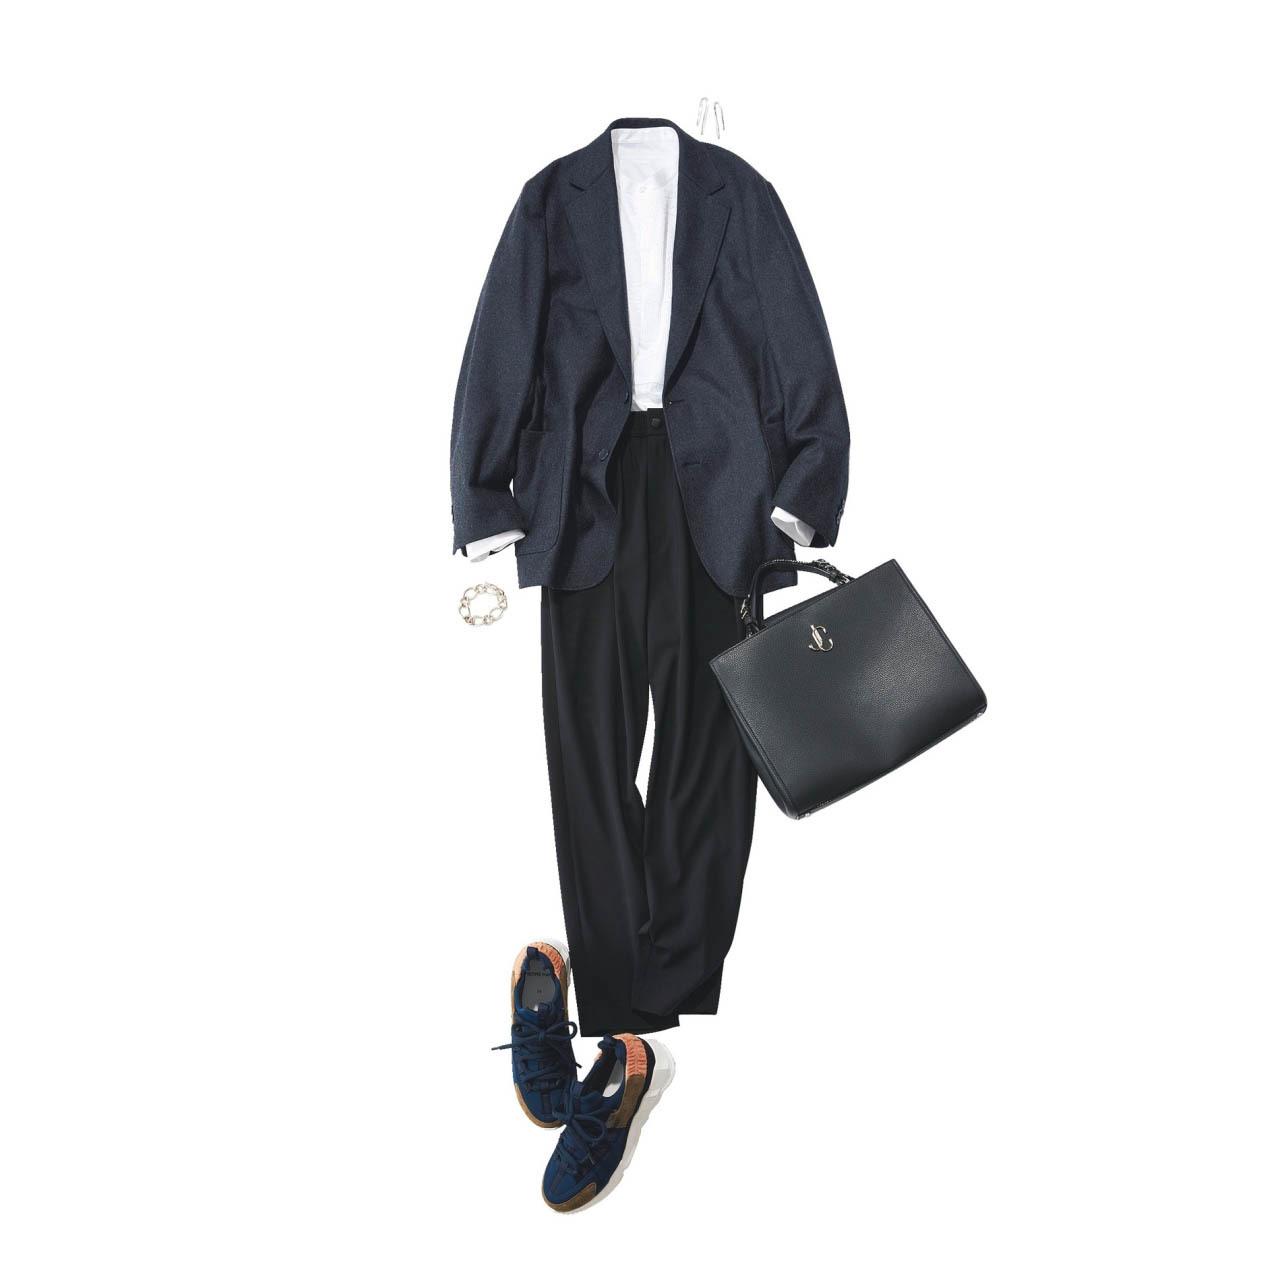 ジャケット×白シャツ×黒パンツ×スニーカーコーデ